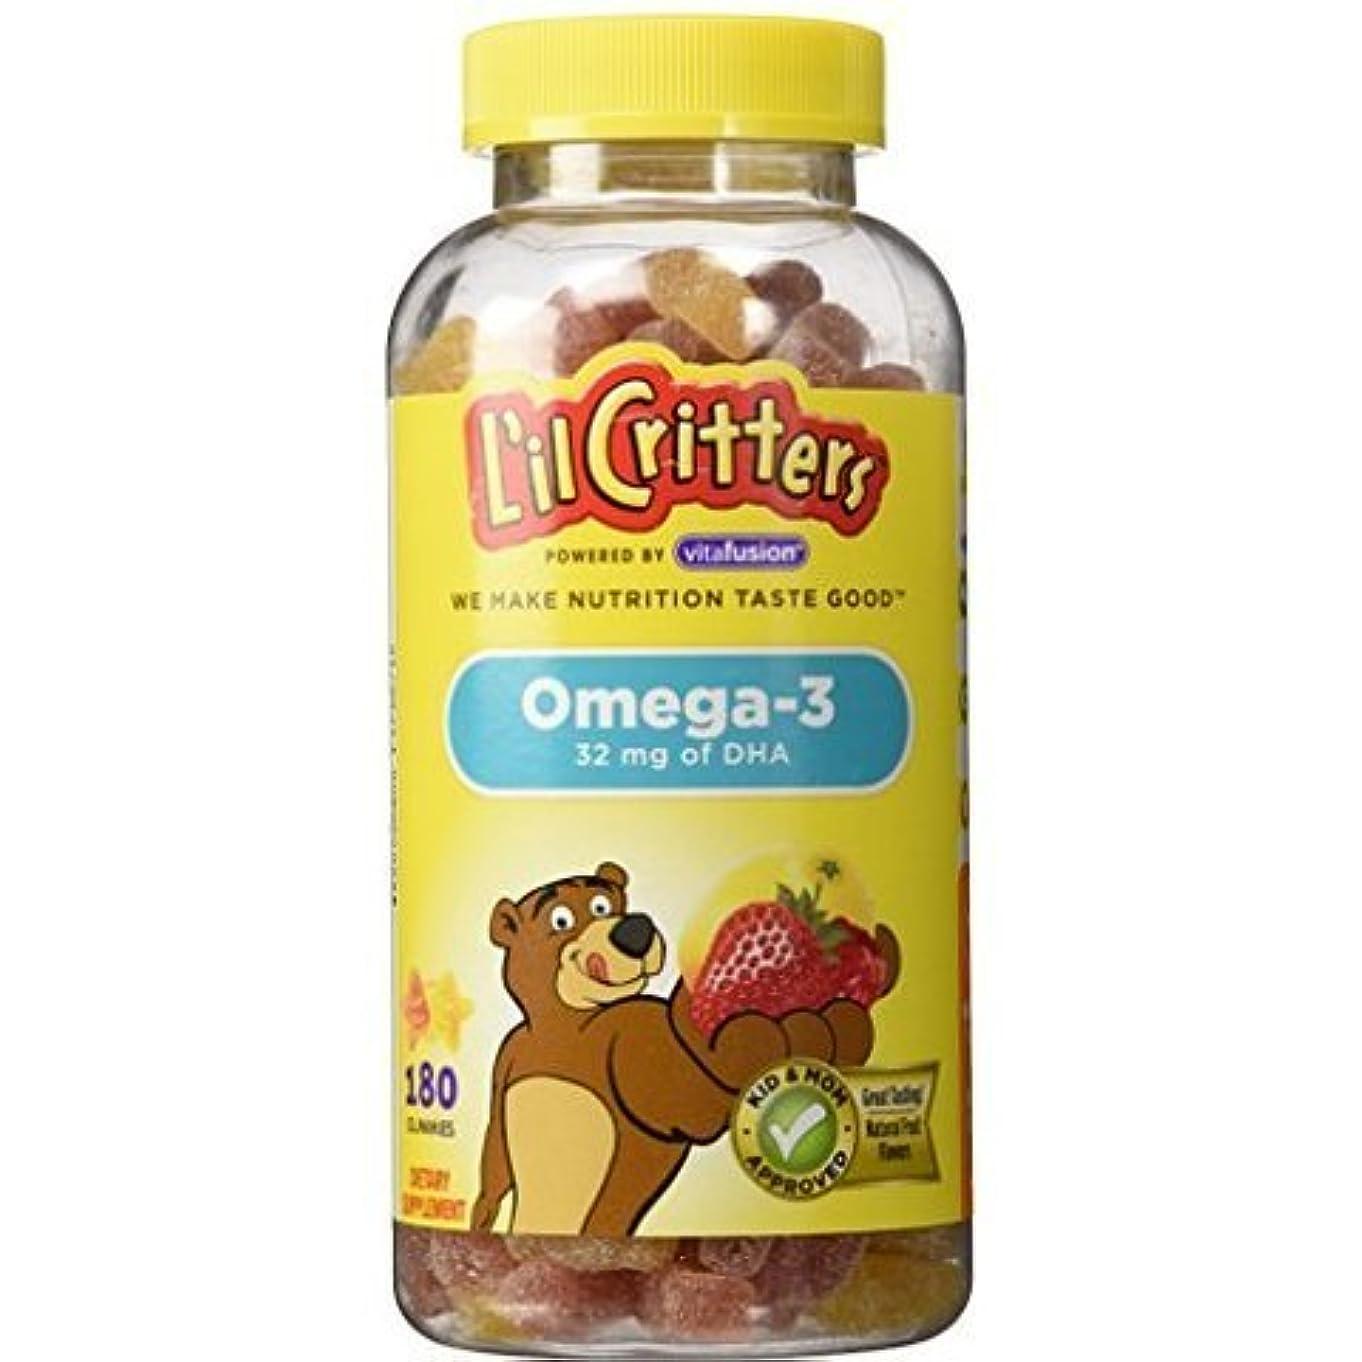 抜本的な好意本物L'il Critters クルクリターズ 子供用ビタミングミ オメガ3 DHA 180粒 [並行輸入品]